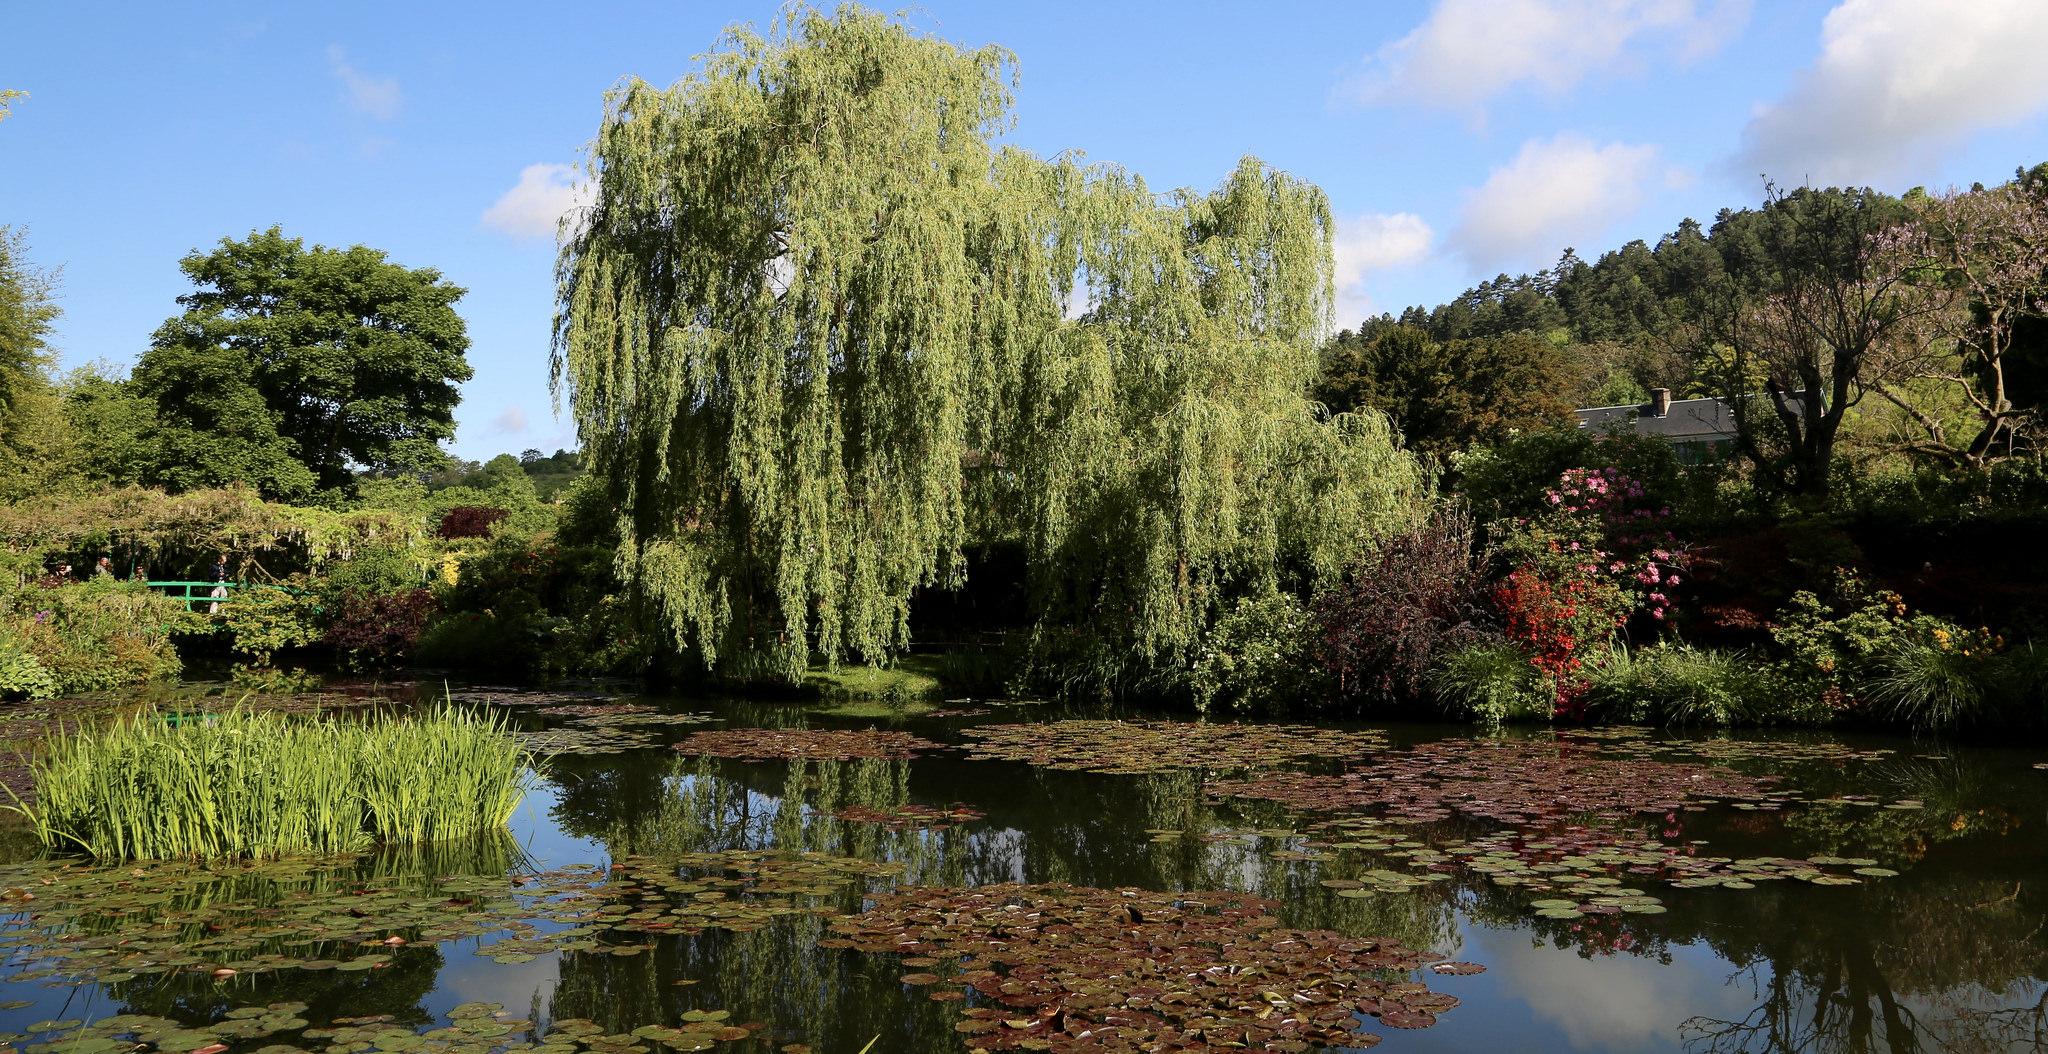 Il giardino di Giverny di Monet